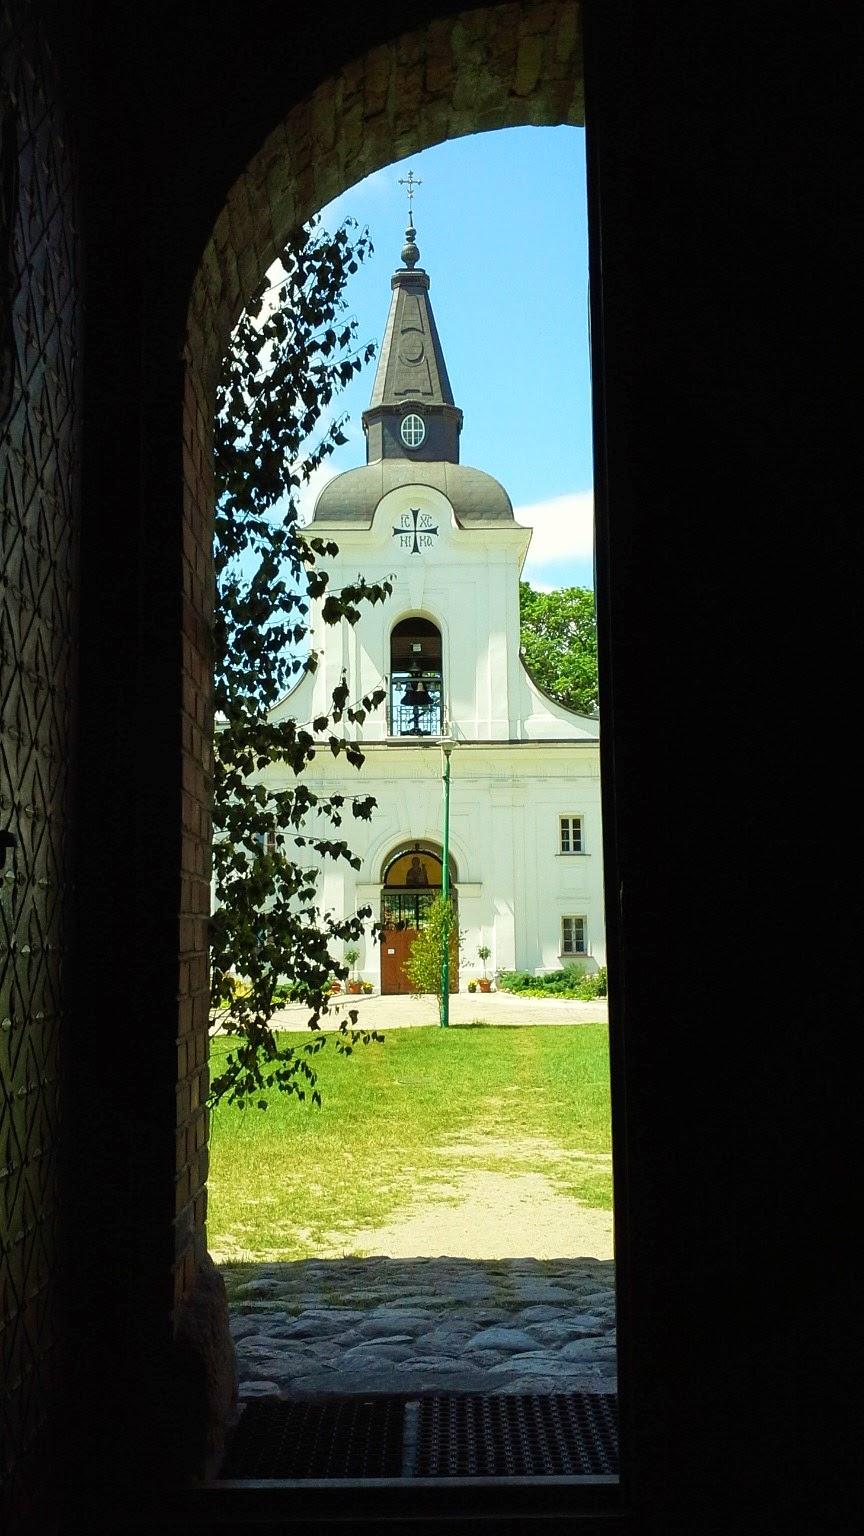 Monastero ortodosso di Suprasl Polonia